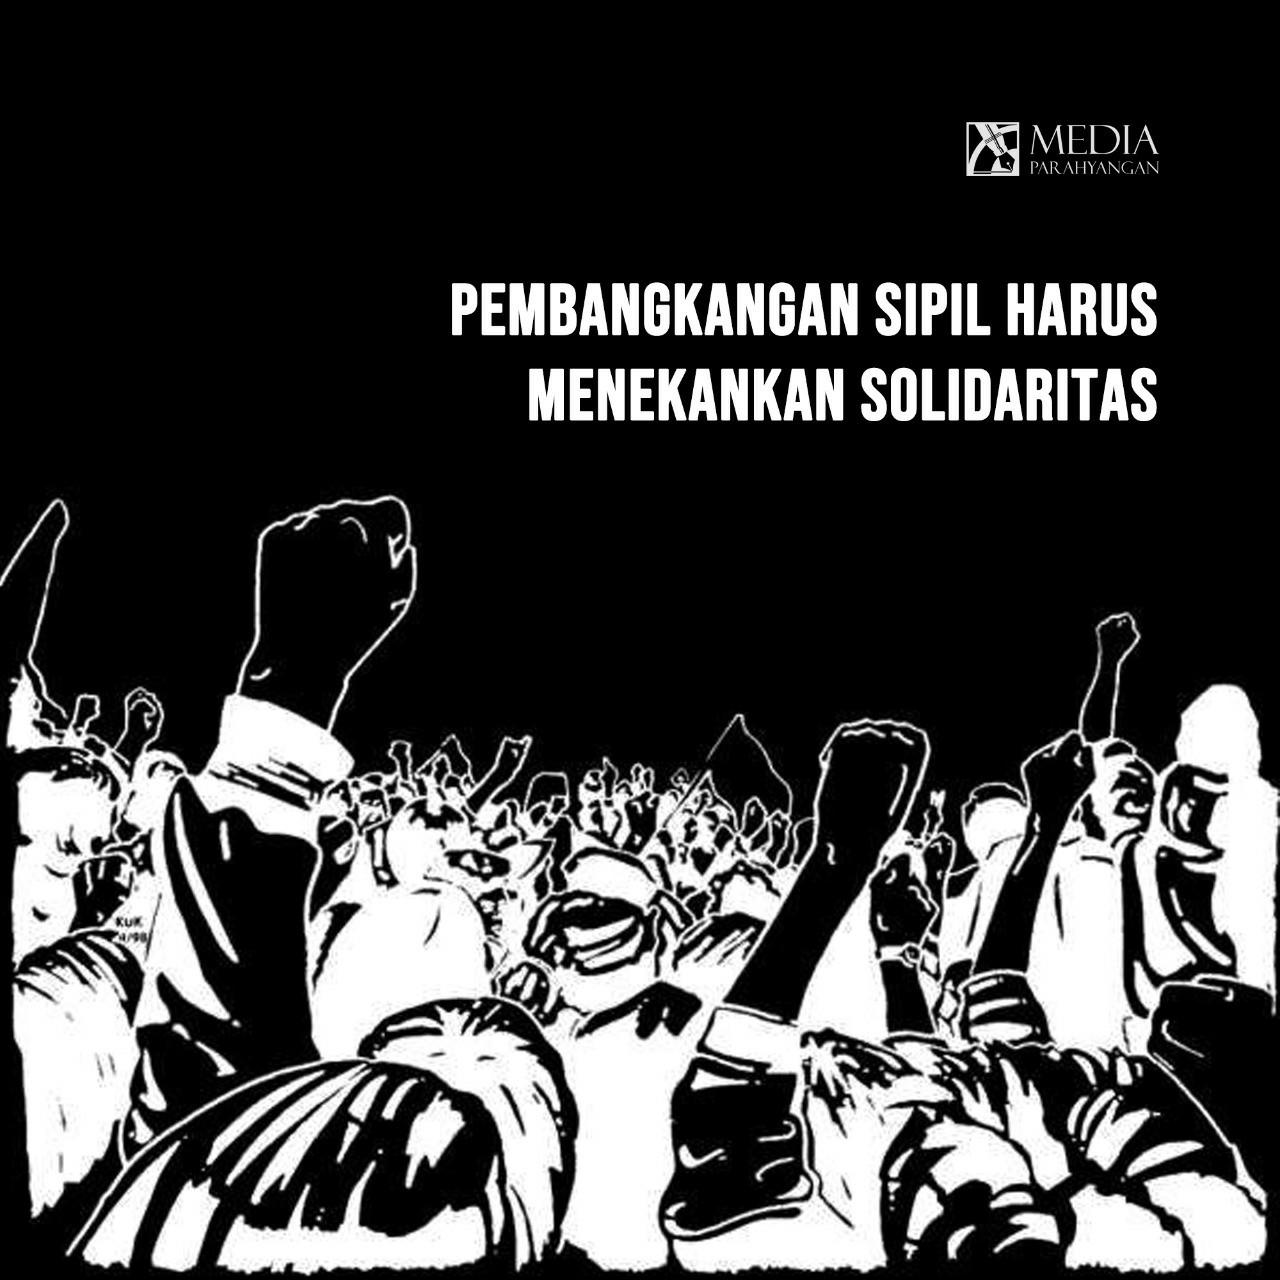 Pembangkangan Sipil Harus Menekankan Solidaritas